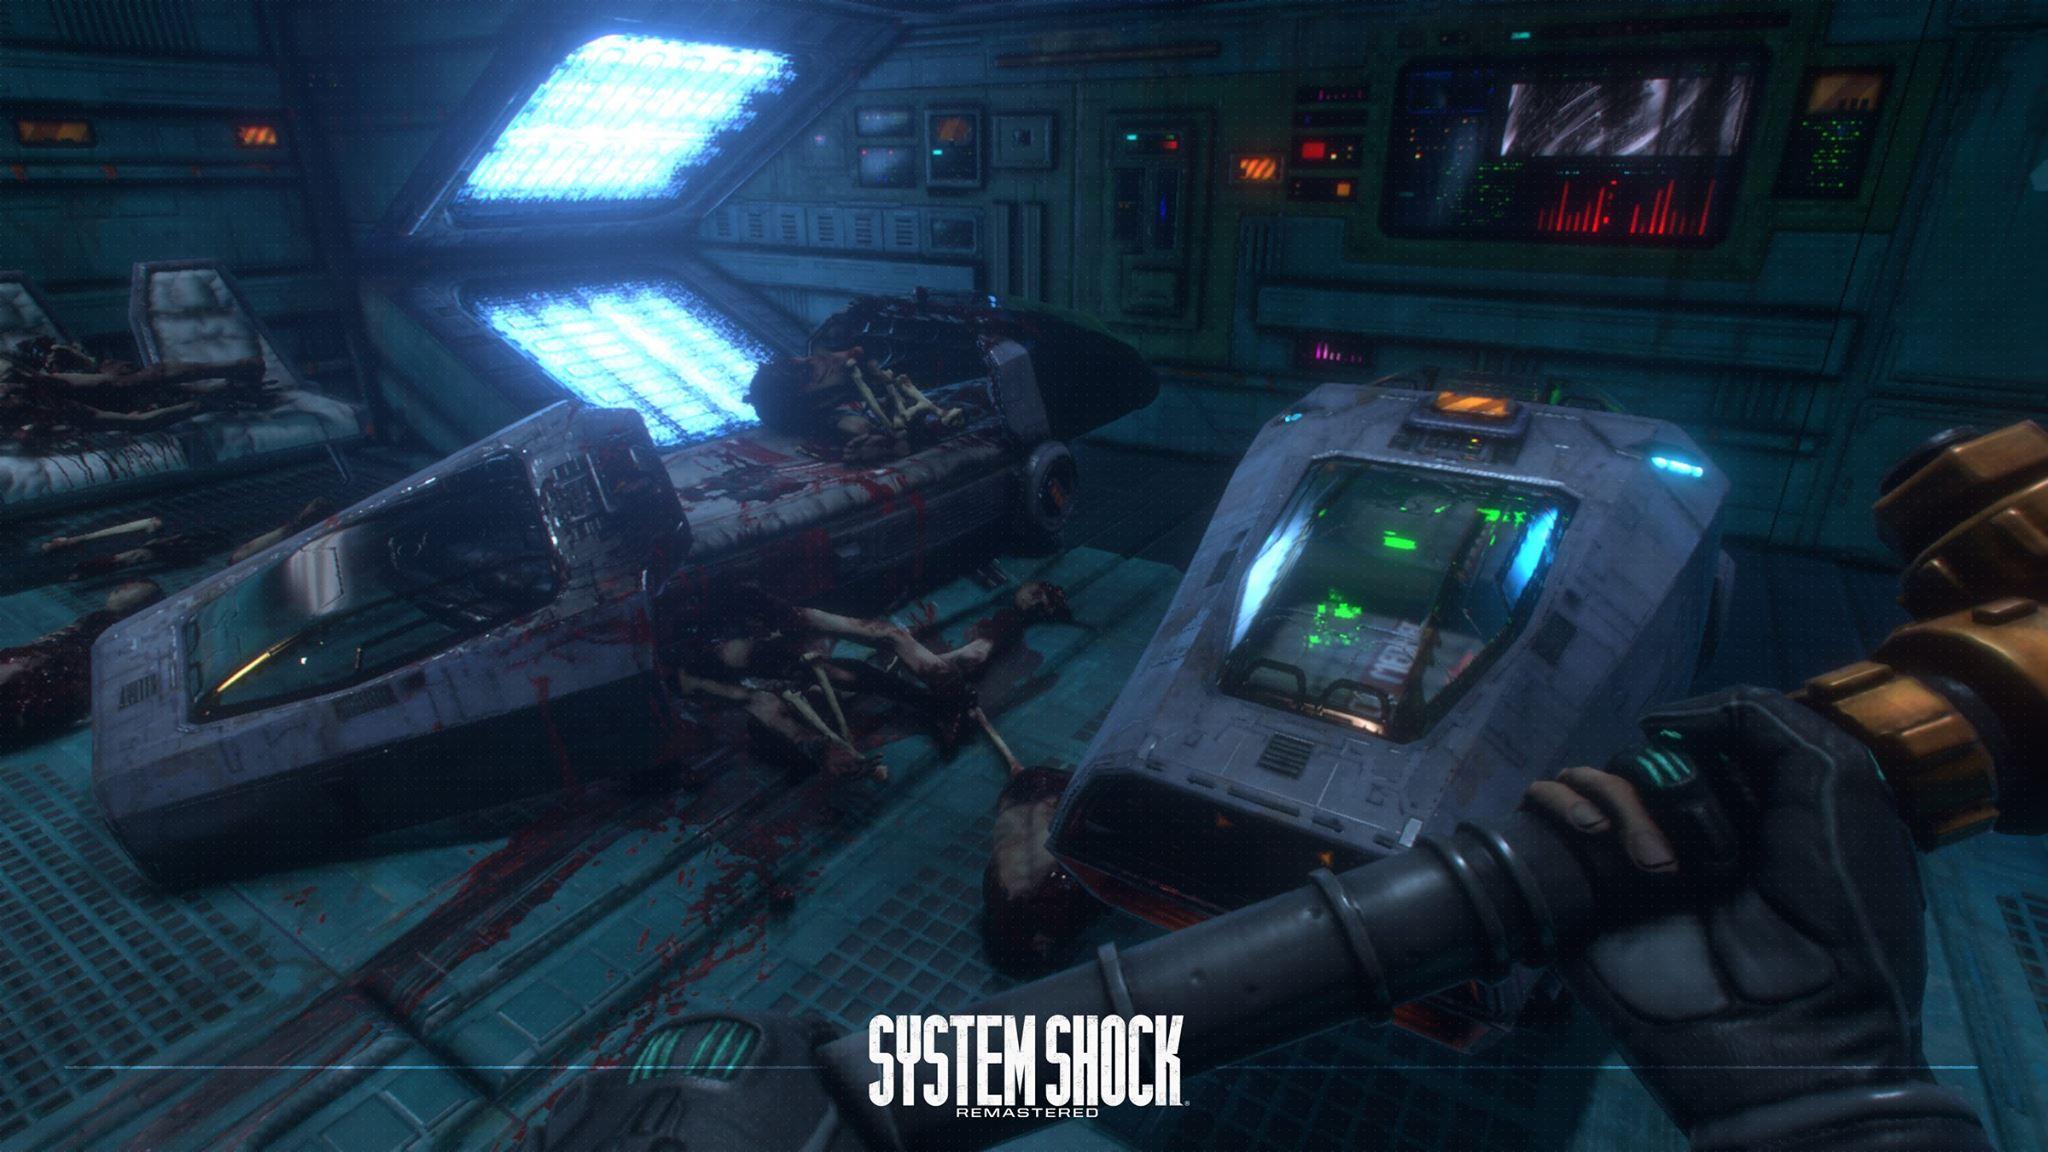 System Shock: Demo jetzt spielbar – Hier gibt's 8 Minuten Gameplay, das Lust auf mehr macht